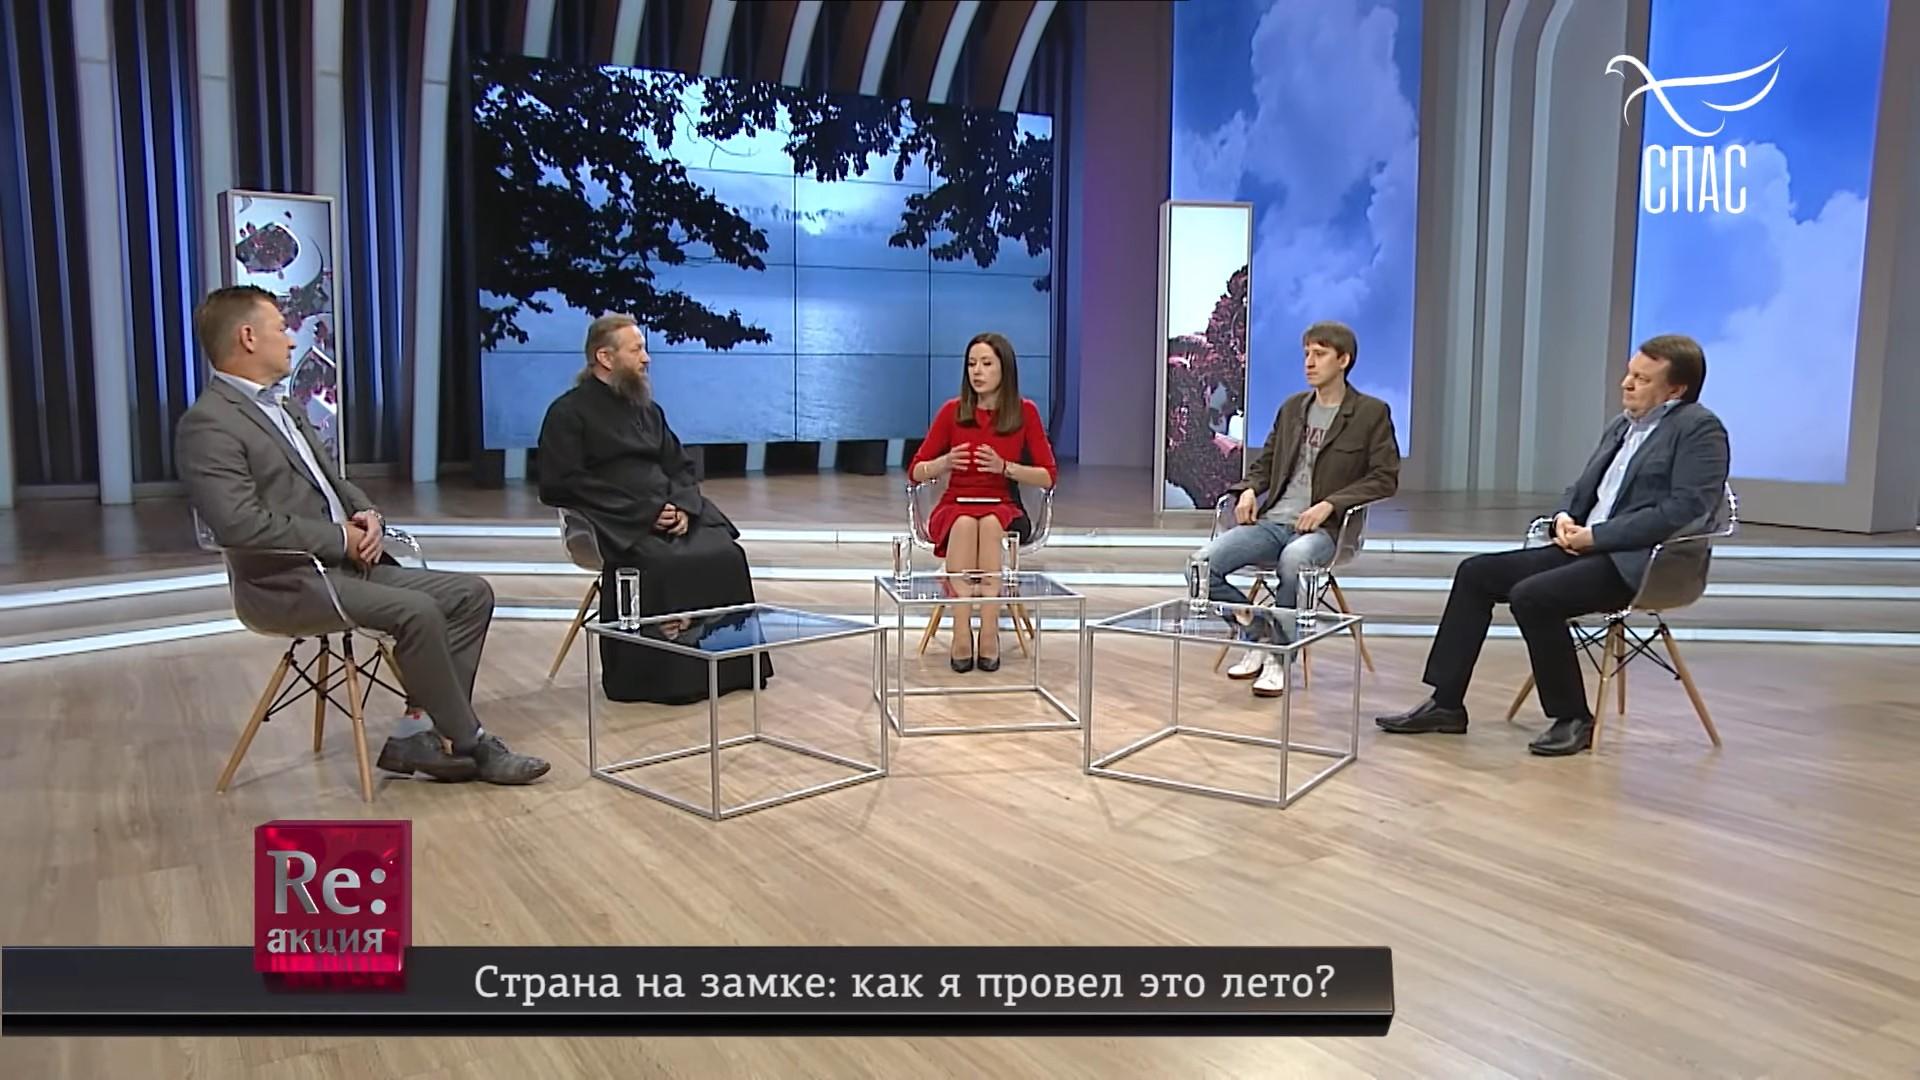 На телеканале «Спас» вышел выпуск программы «Re:акция», посвященный внутреннему туризму в России после пандемии